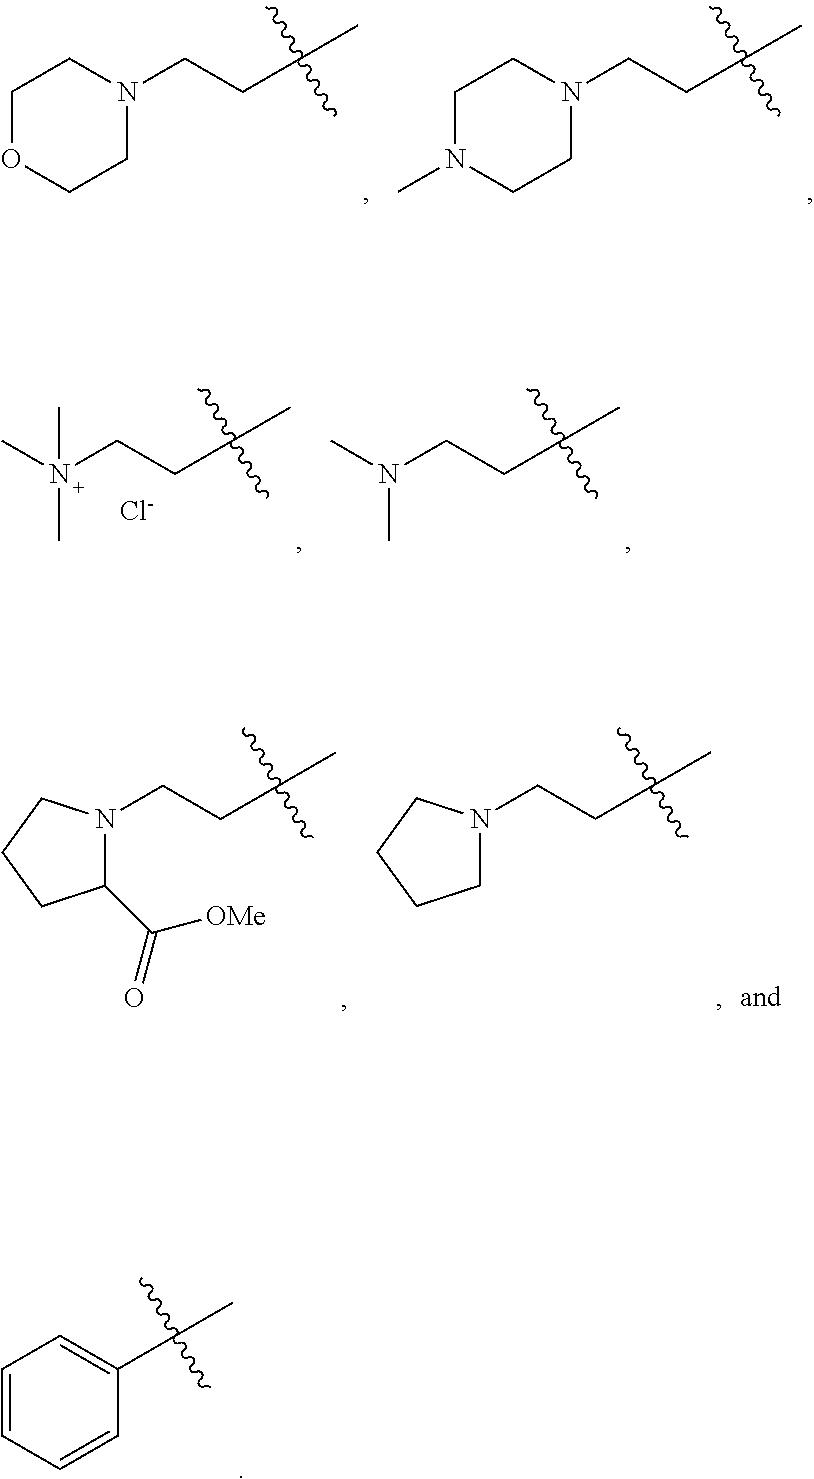 Figure US09982257-20180529-C00097